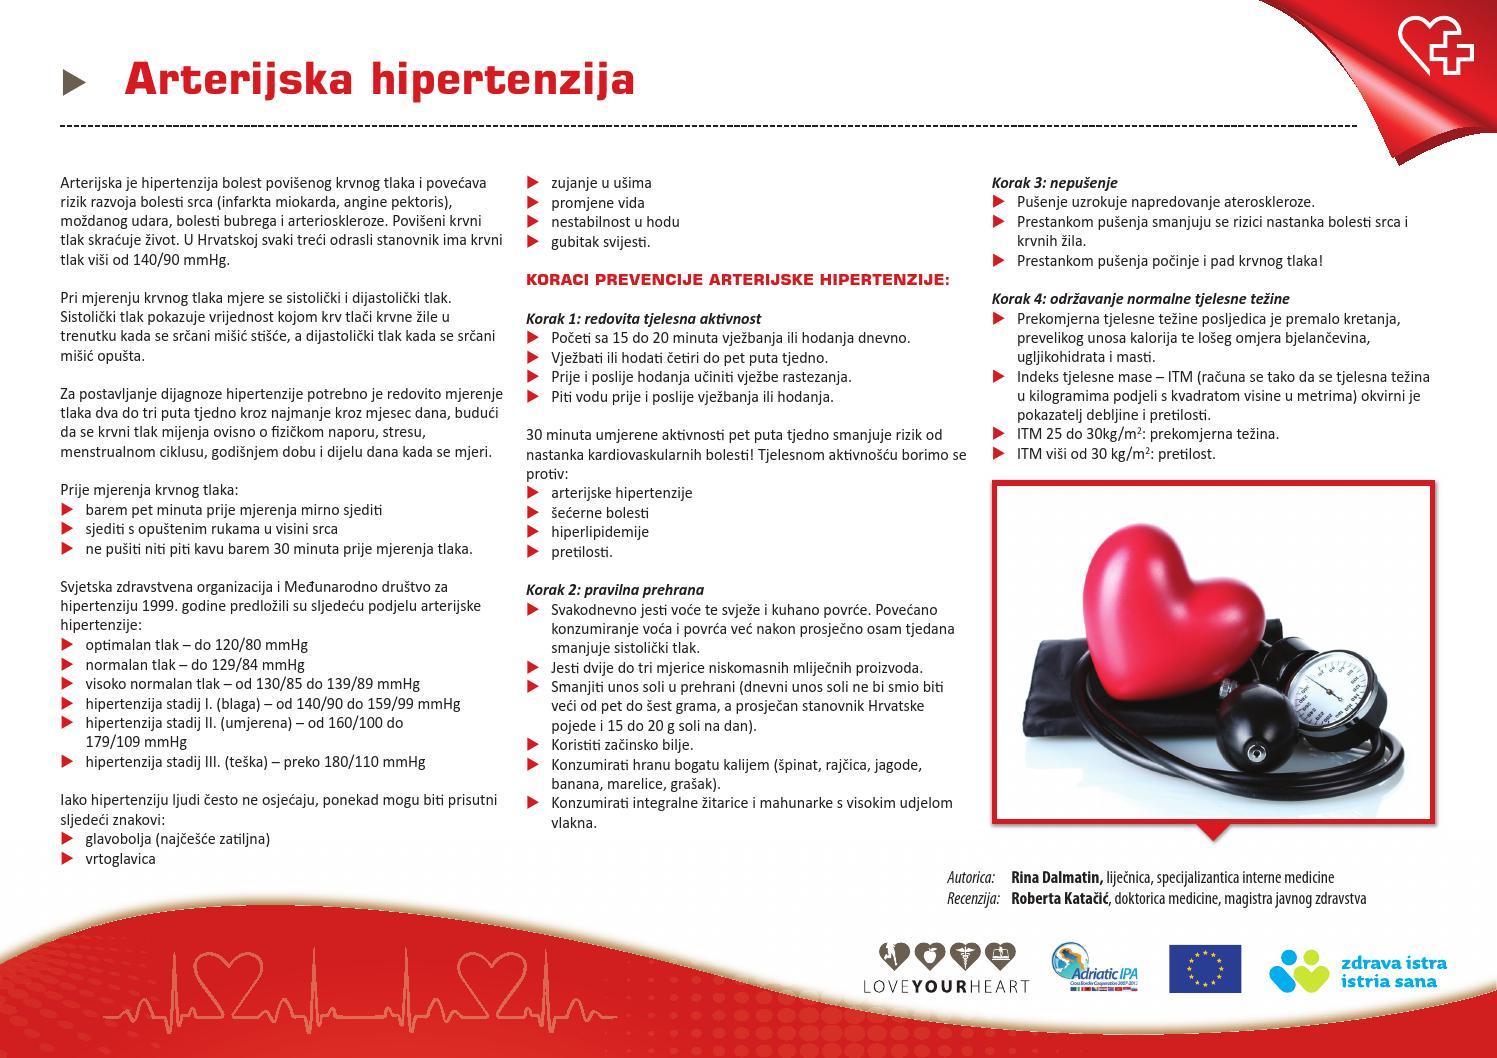 hipertenzije i posljedice